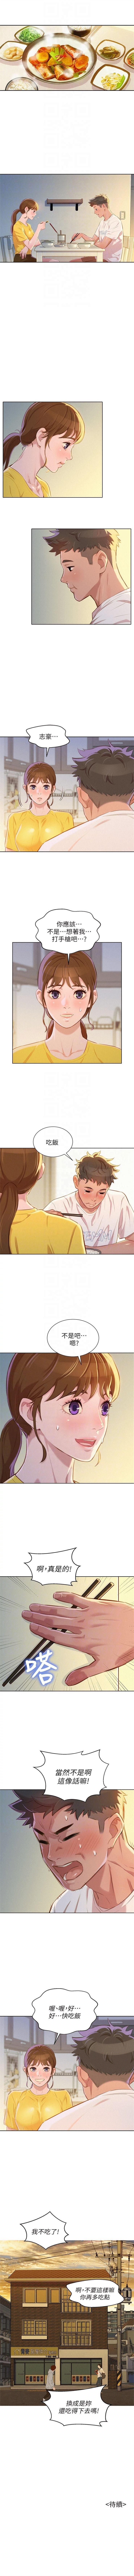 (周7)漂亮干姐姐  1-81 中文翻译 (更新中) 318